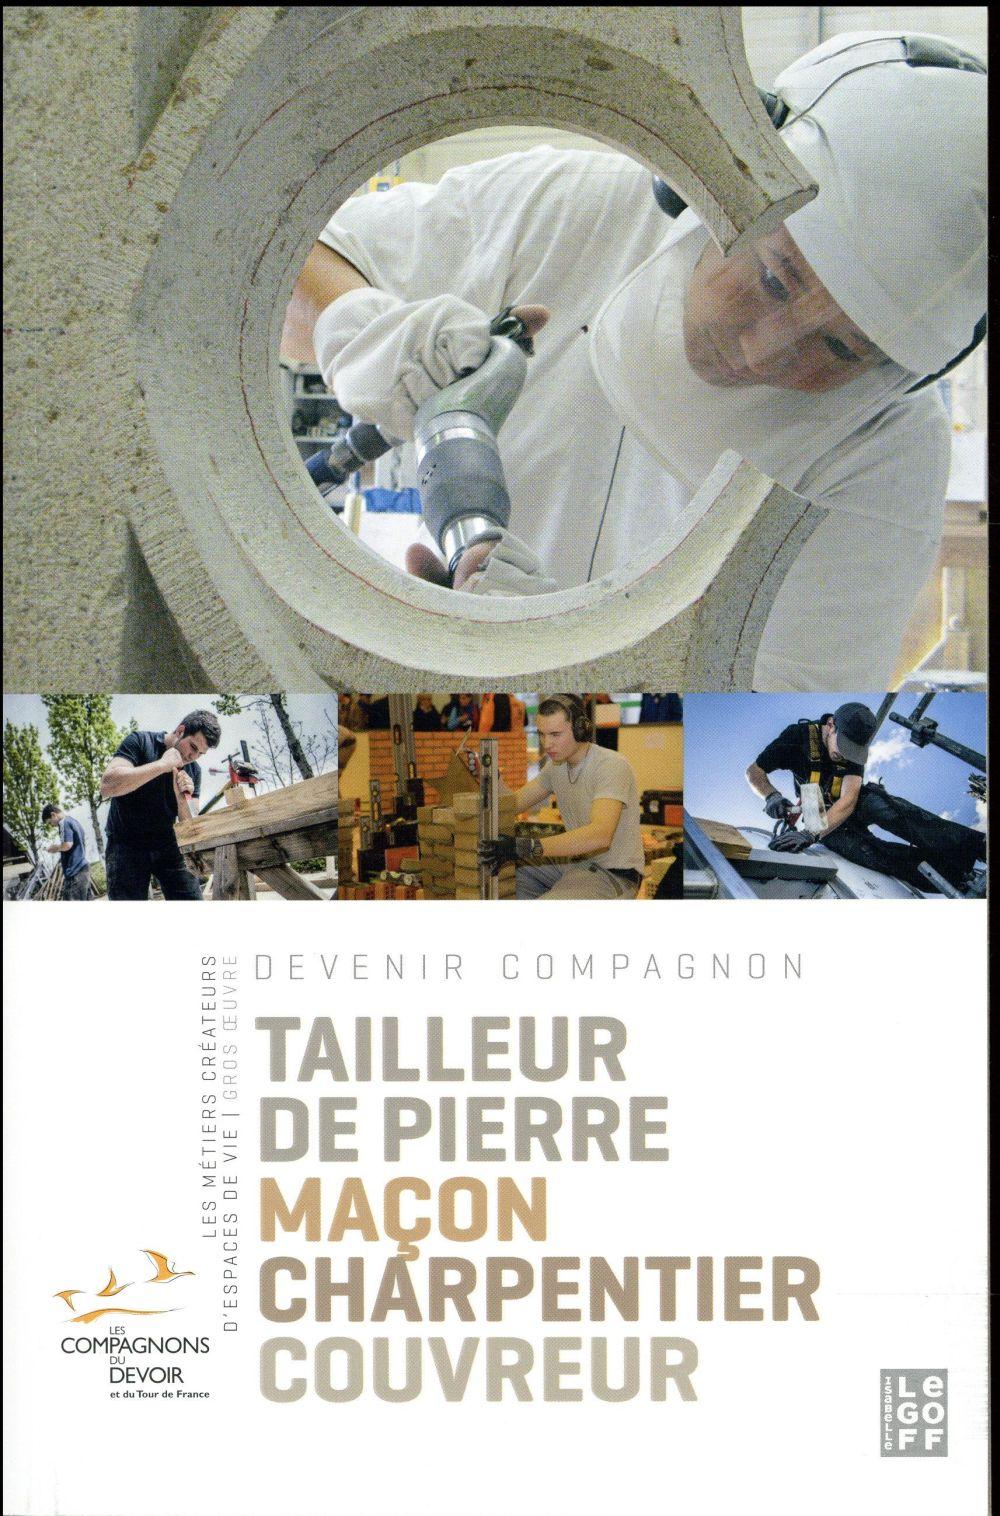 METIERS CREATEURS  D ESPACES DE VIE V1 (LE) - TAILLEUR DE PIERRE, MACON, CHARPENTIER, COUVREUR COLLECTIF Isabelle Le Goff éditions